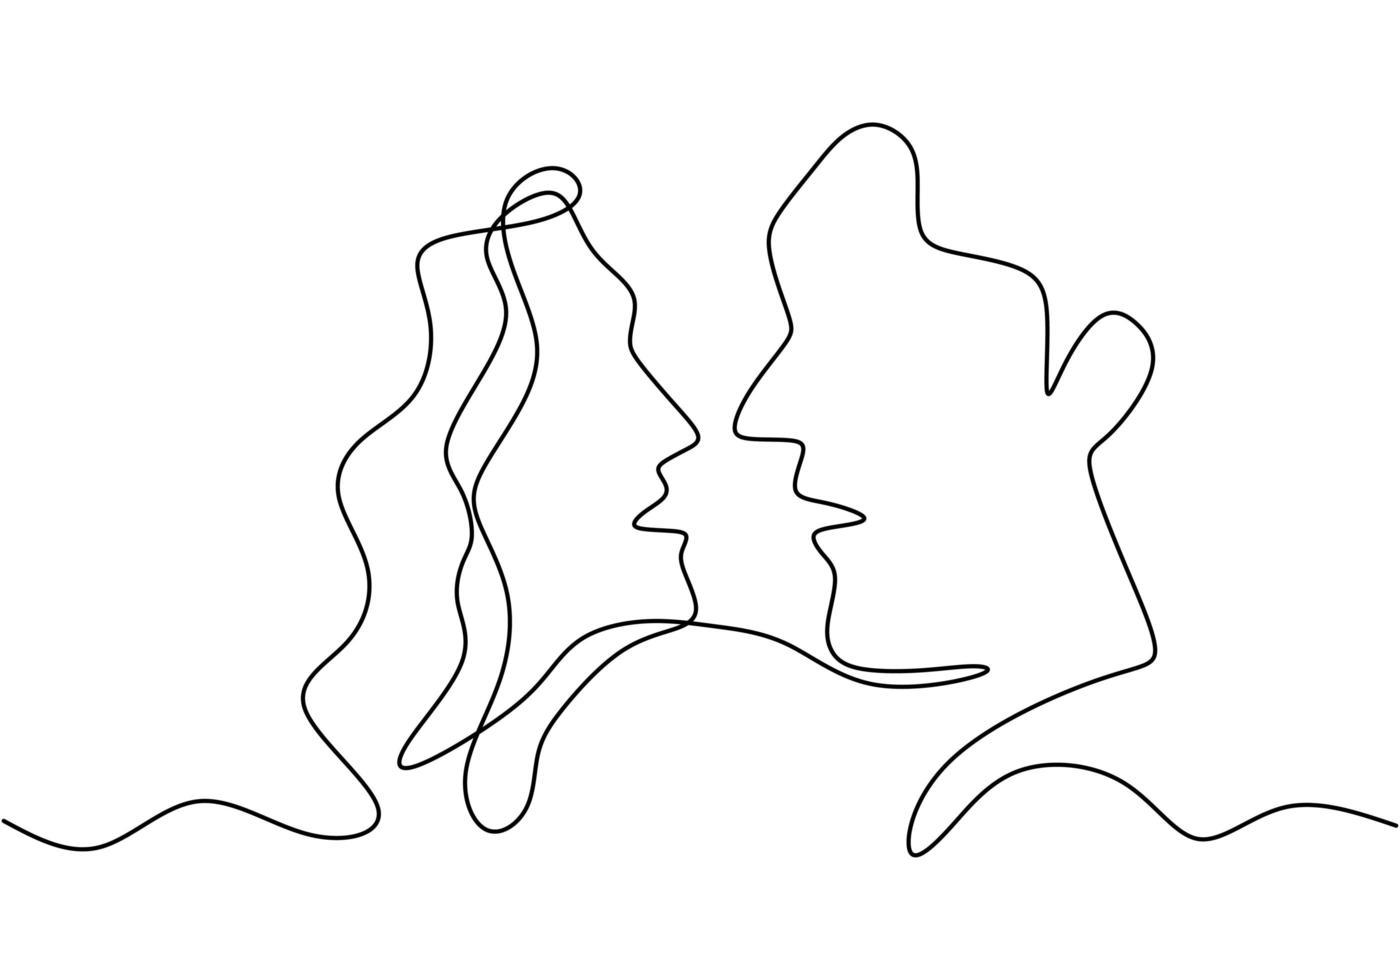 dessin continu d'une seule ligne du baiser romantique de deux amoureux. illustration vectorielle de minimalisme dessiné à la main, bon pour la bannière de la Saint-Valentin, l'affiche et l'arrière-plan. concept de relation. vecteur